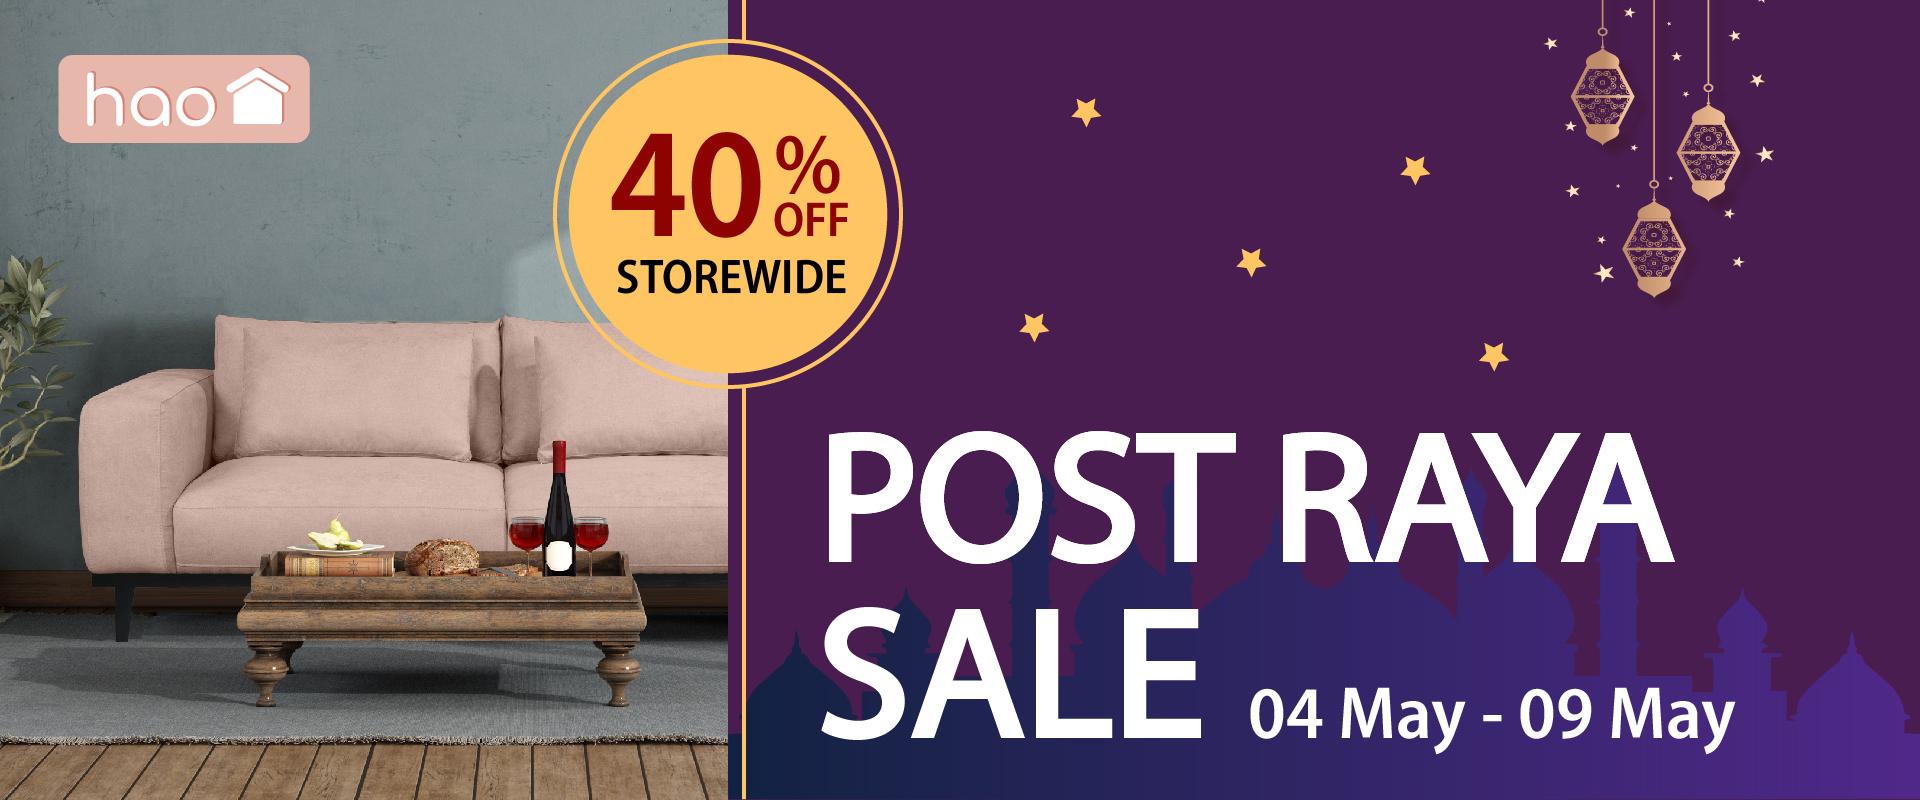 Post Raya Sale